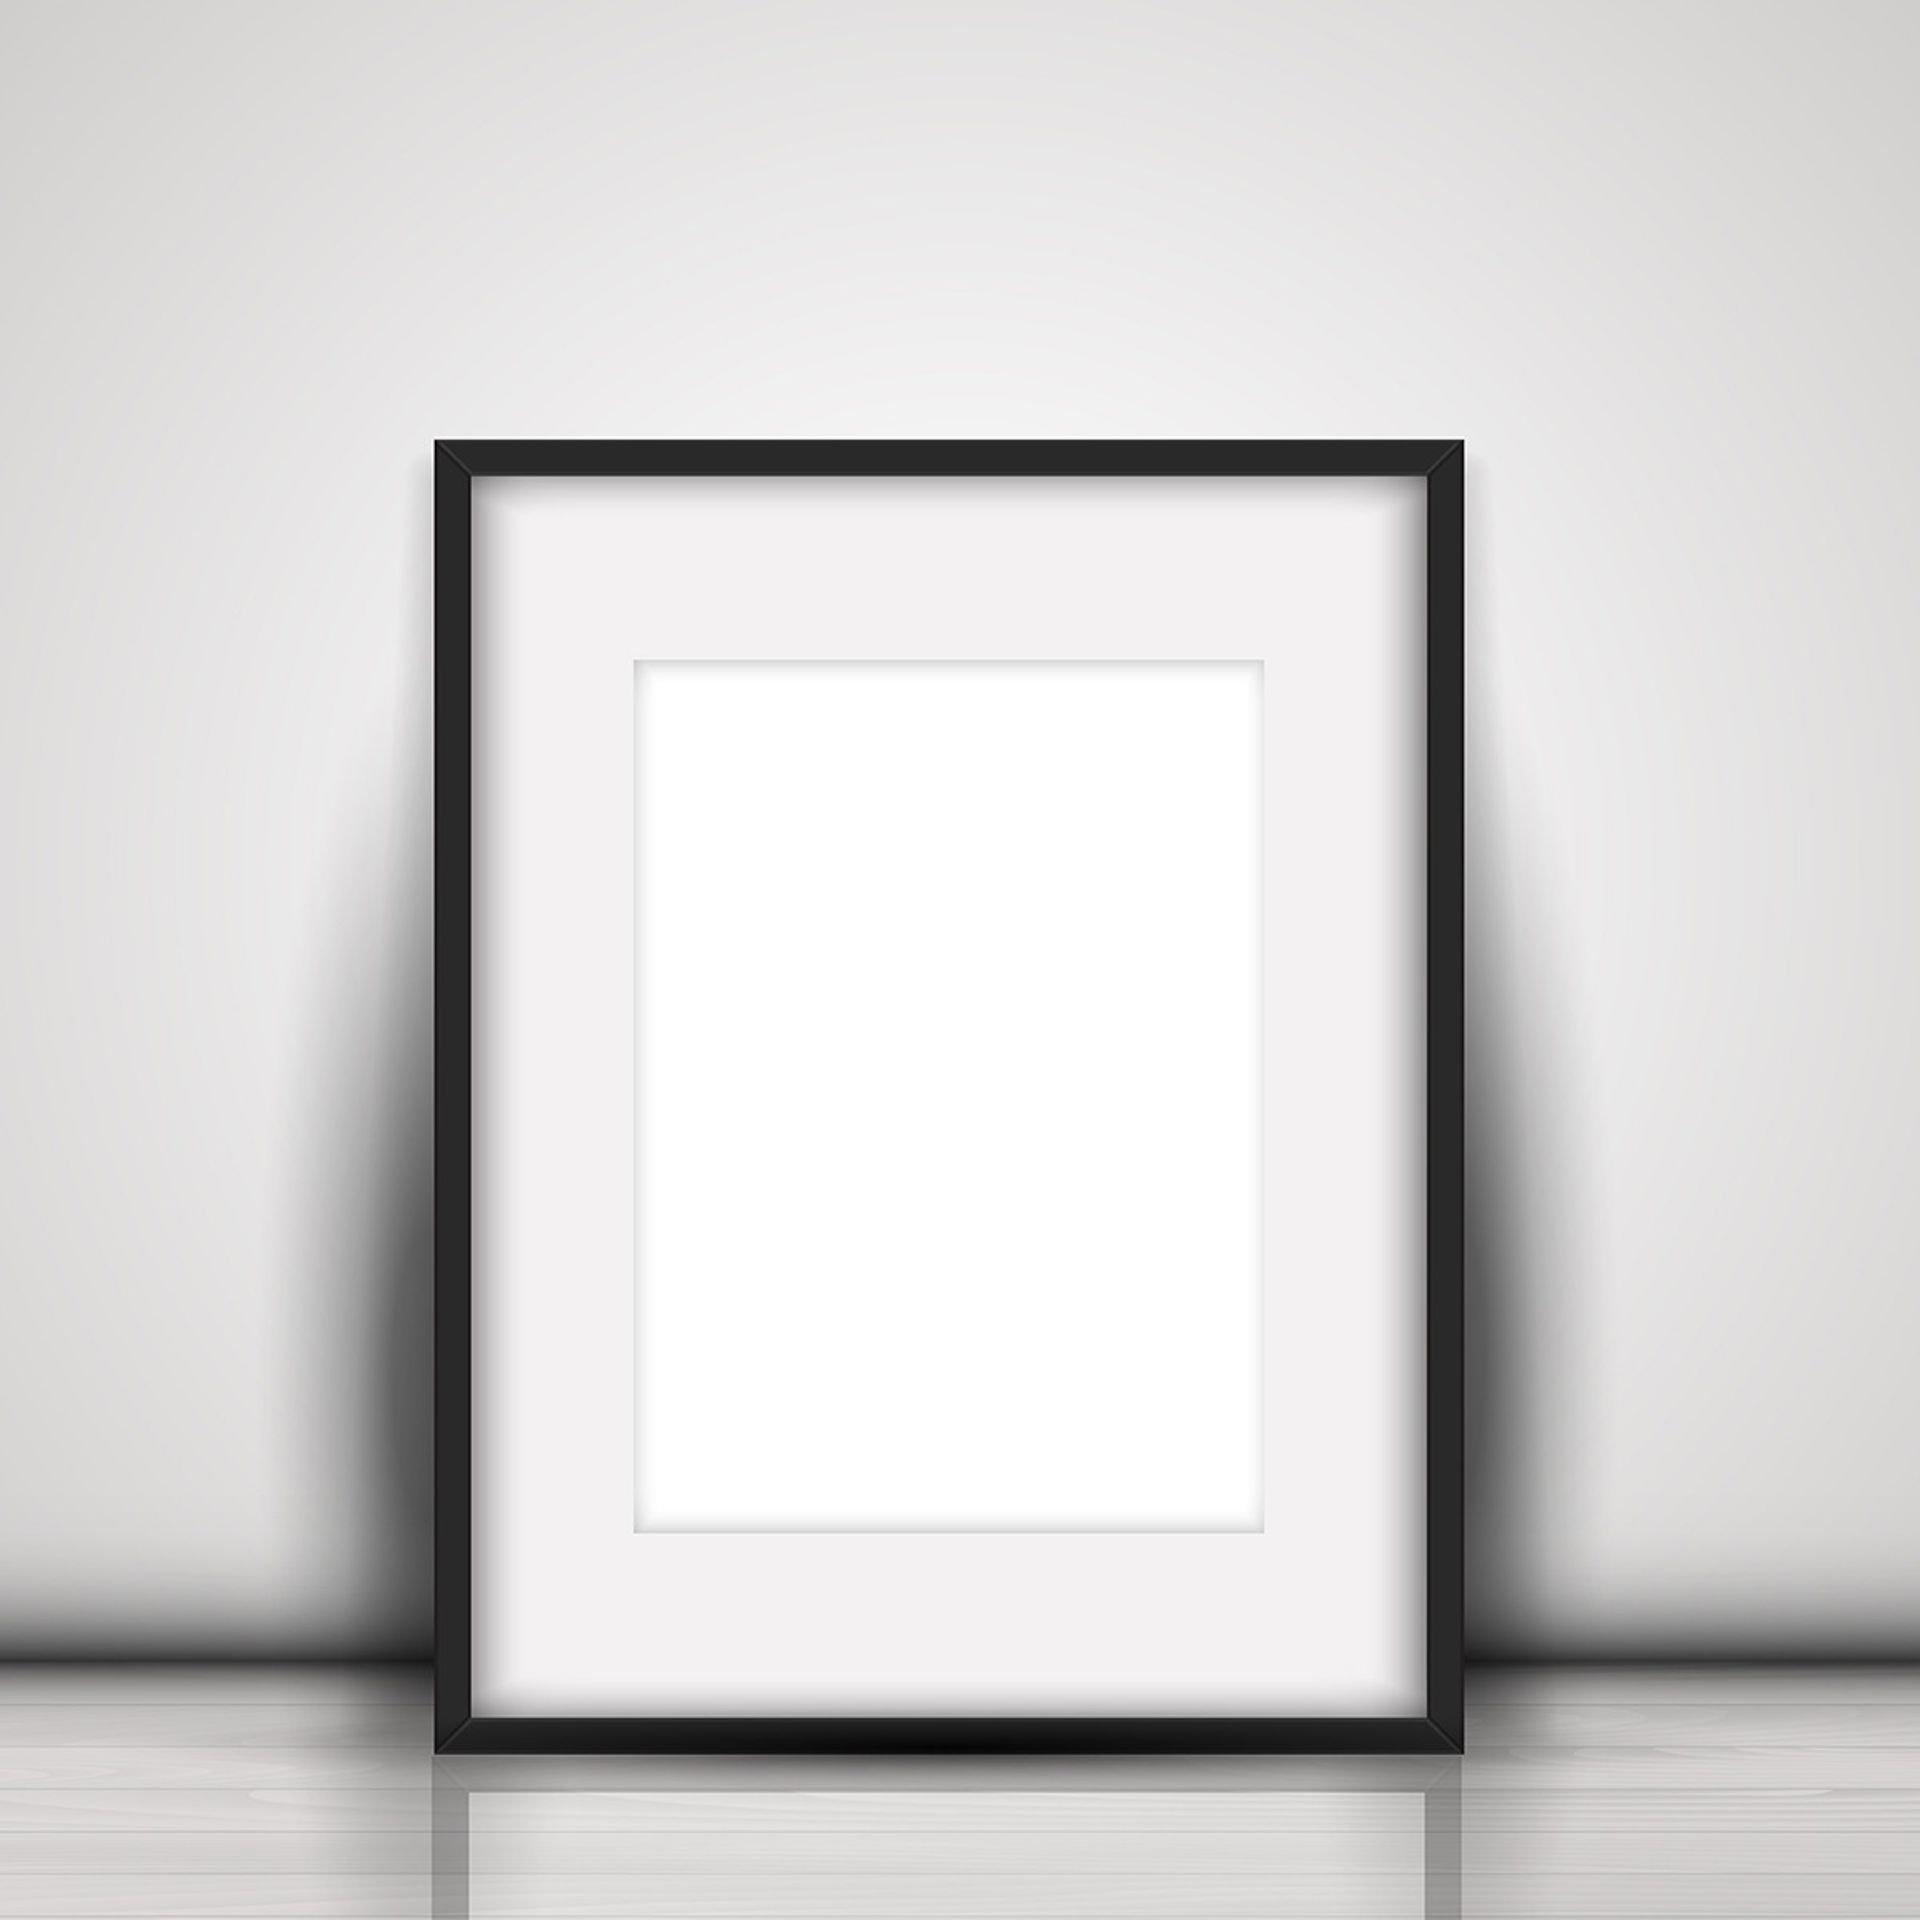 =מסגרת תמונה איכותית דגם FR9228, כולל הדפסת תמונה.